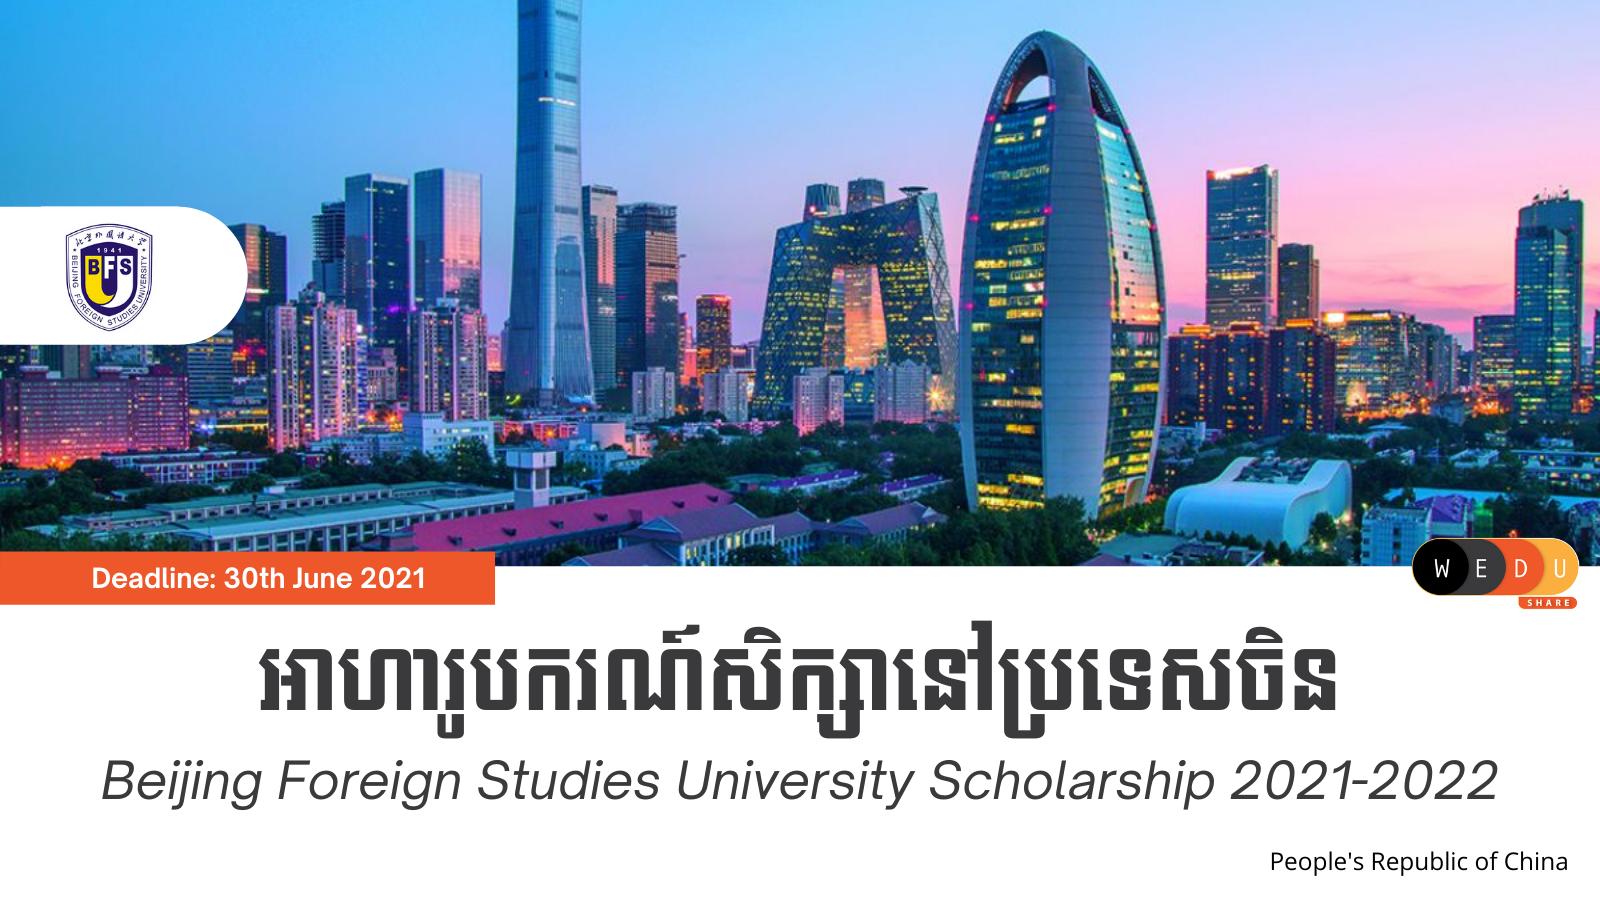 Beijing Foreign Studies University Scholarship